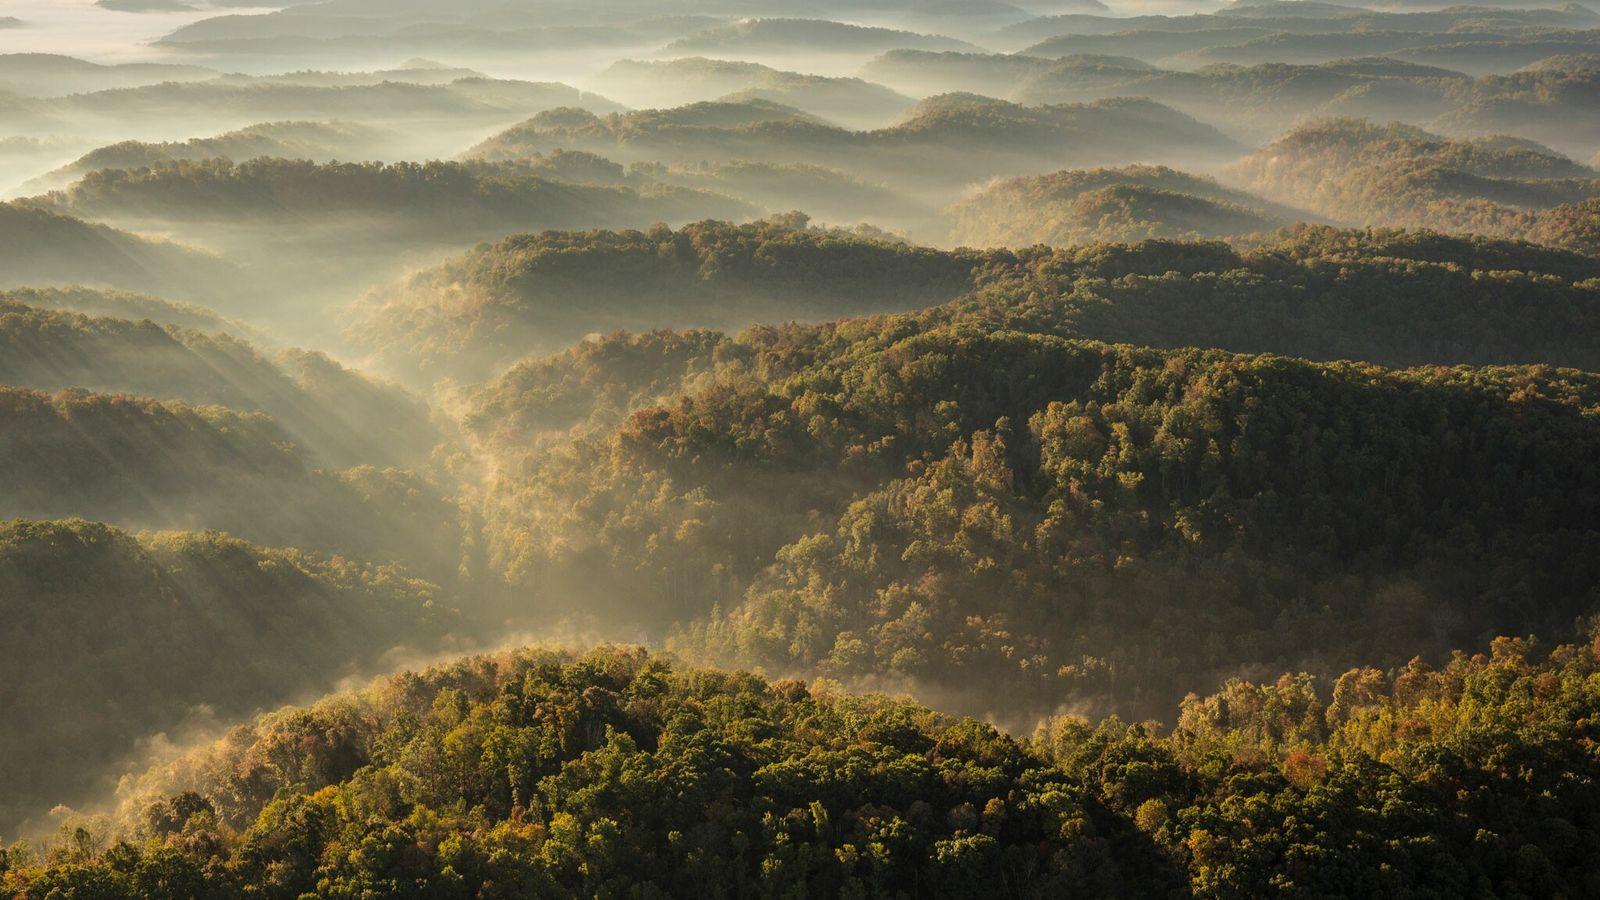 Dans le sud-est des États-Unis, les Appalaches perdent progressivement en altitude à cause de l'érosion et ...